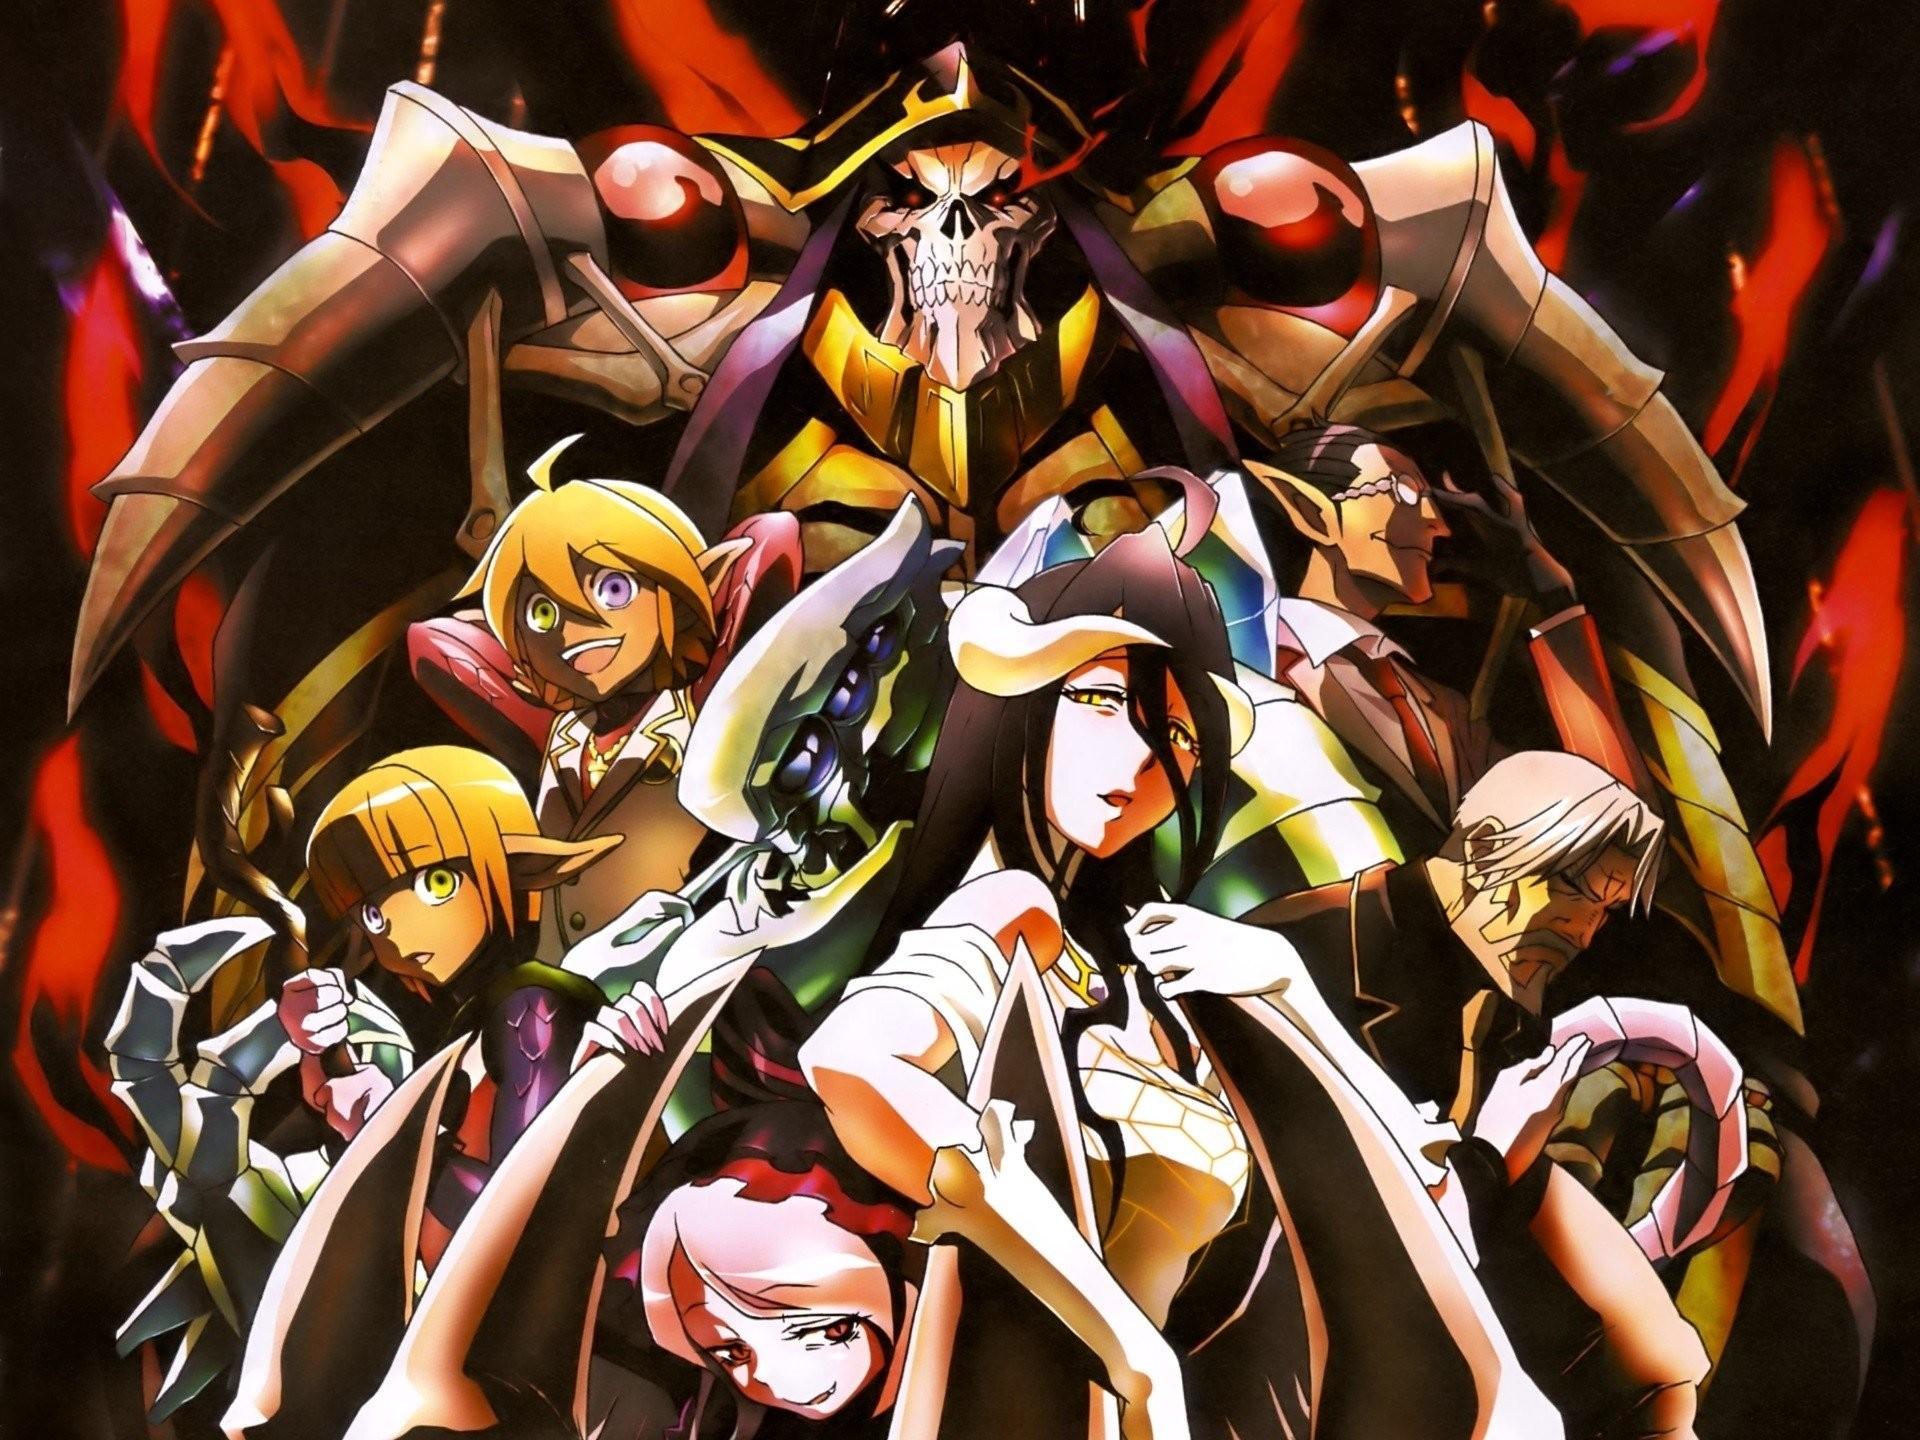 Anime – Overlord Sebas Tian Mare Bello Fiore Aura Bella Fiora Cocytus ( Overlord) Demiurge